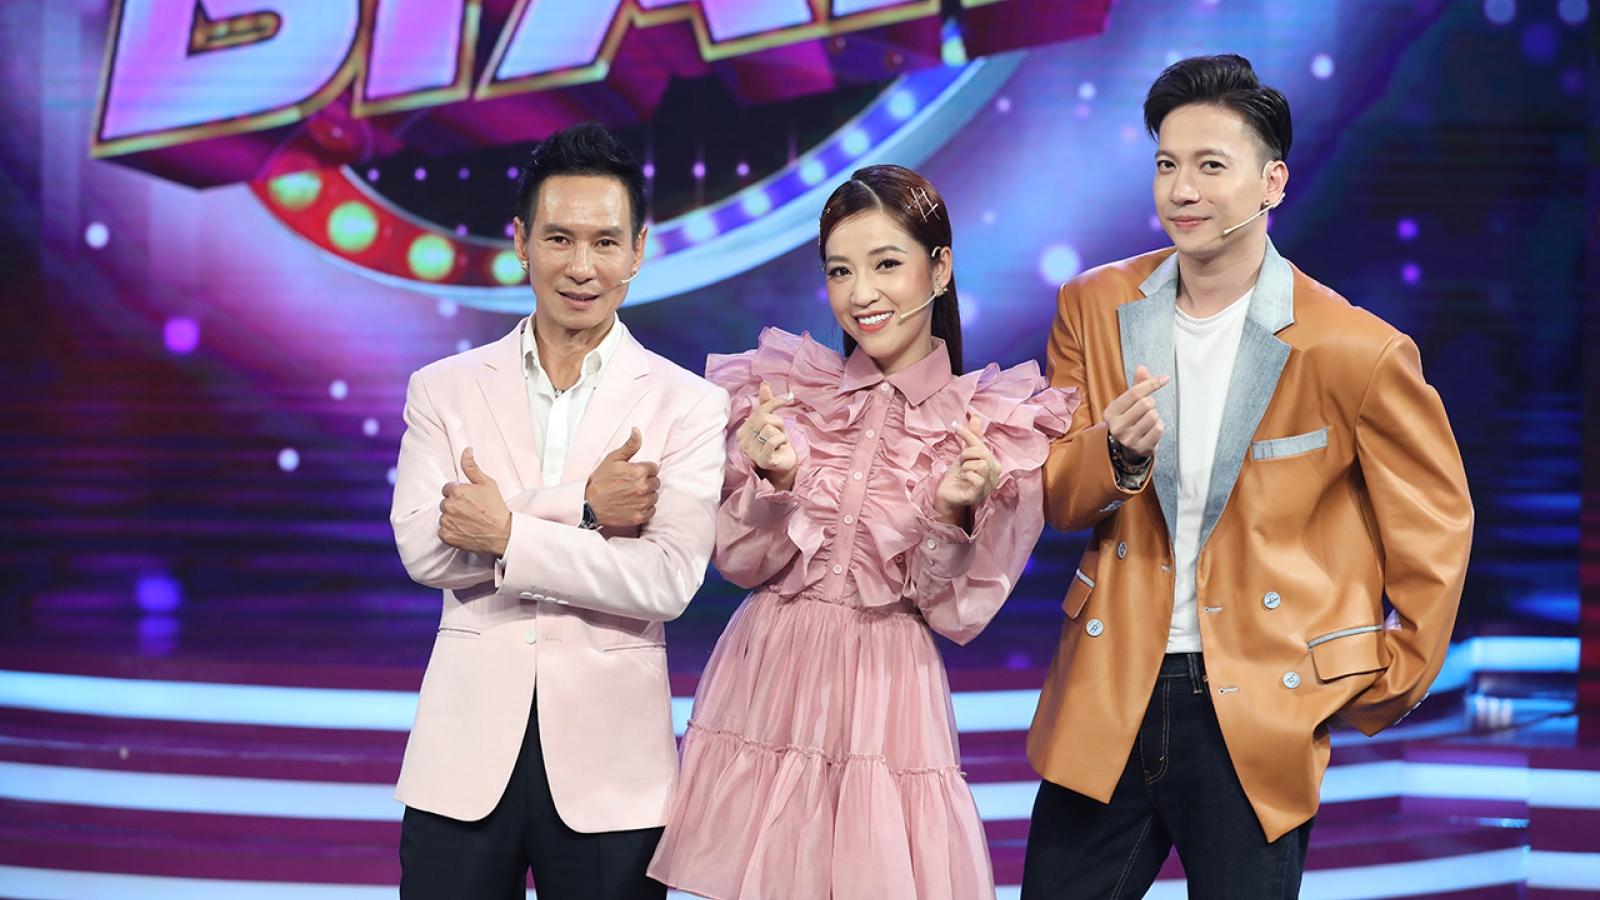 """S.T Sơn Thạch """"muối mặt"""" vì bị tiết lộ """"chuyện xấu"""" trên sóng truyền hình"""